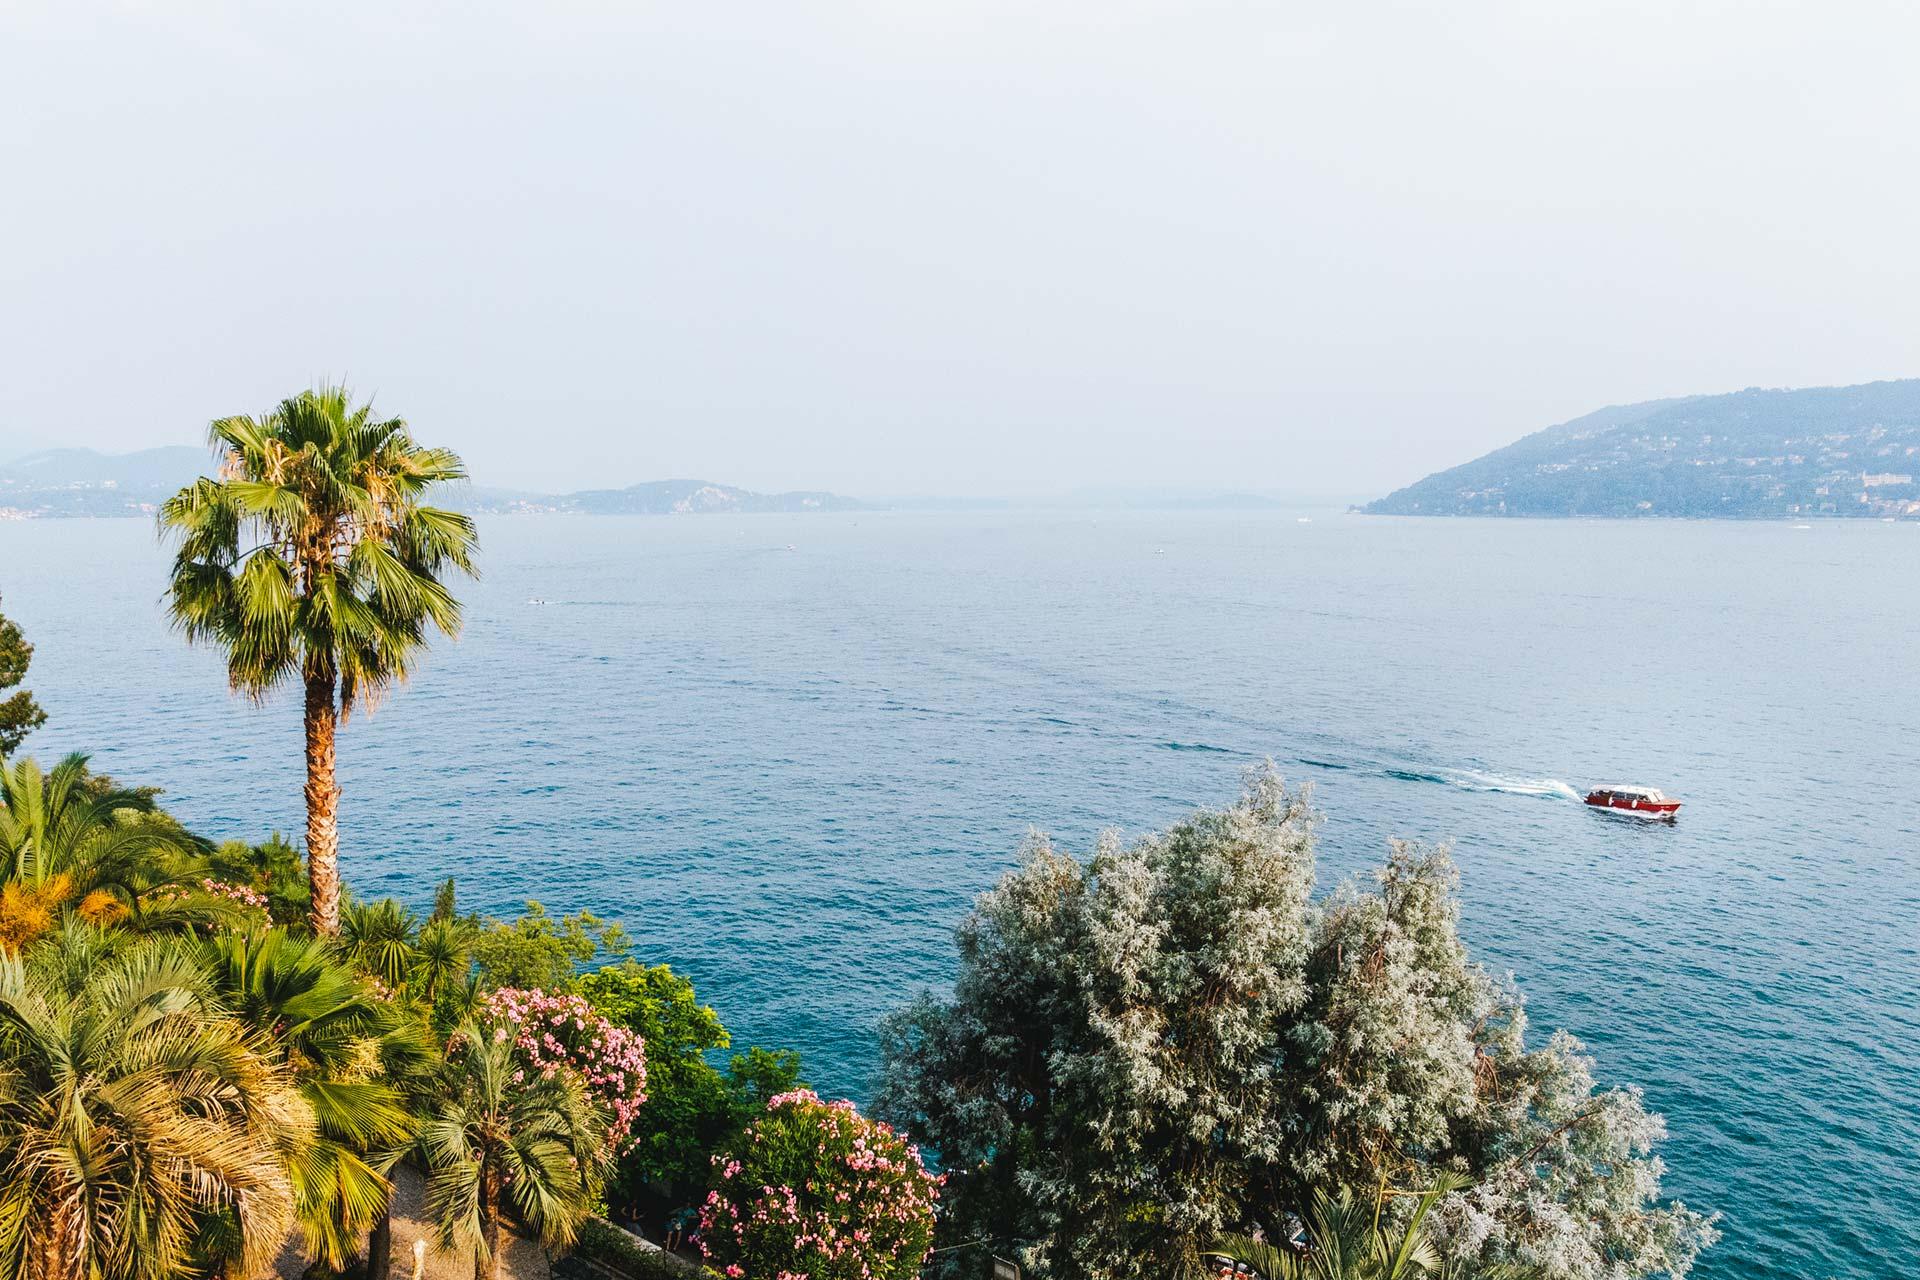 Der Borromäische Golf nordwestlich des Lago Maggiore.